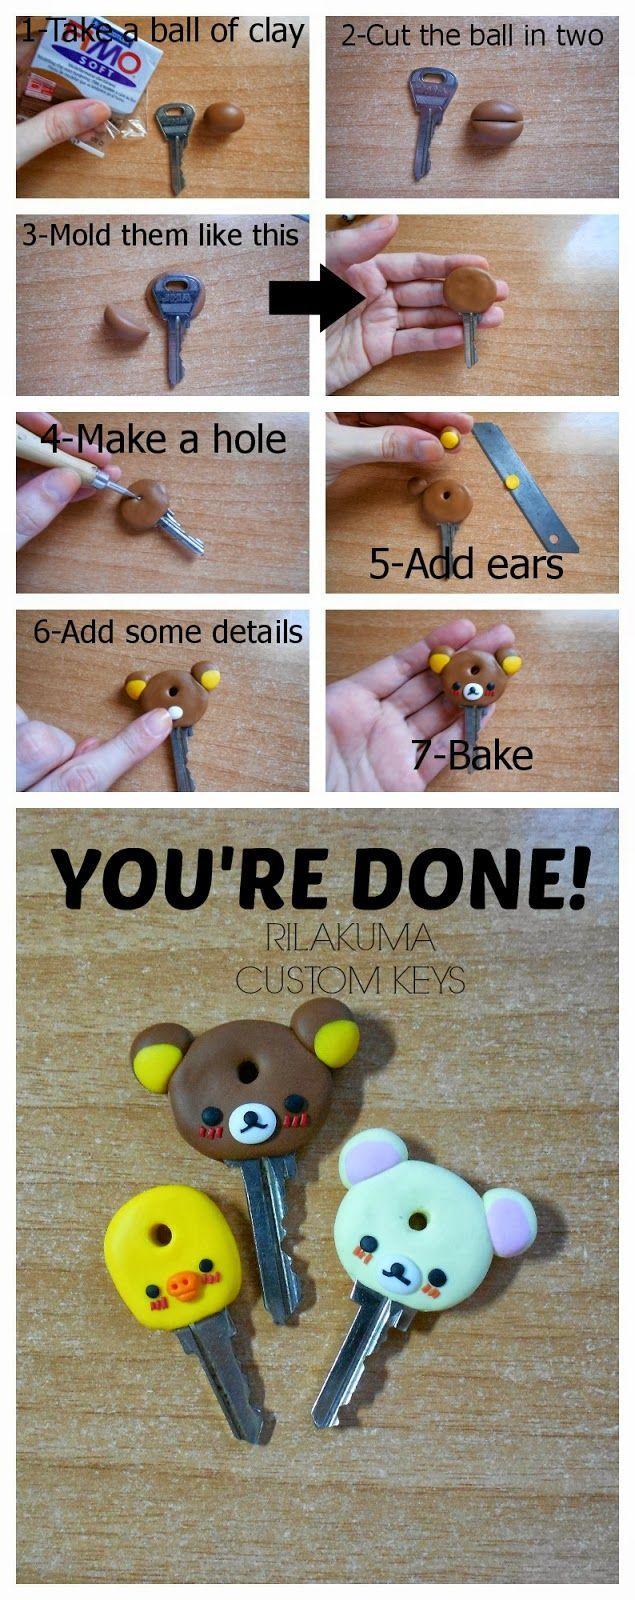 Tutoría llaves personalizadas con polímero de arcilla - DIY Rilakkuma polymer clay custom keys tutorial www.lovethispic.com